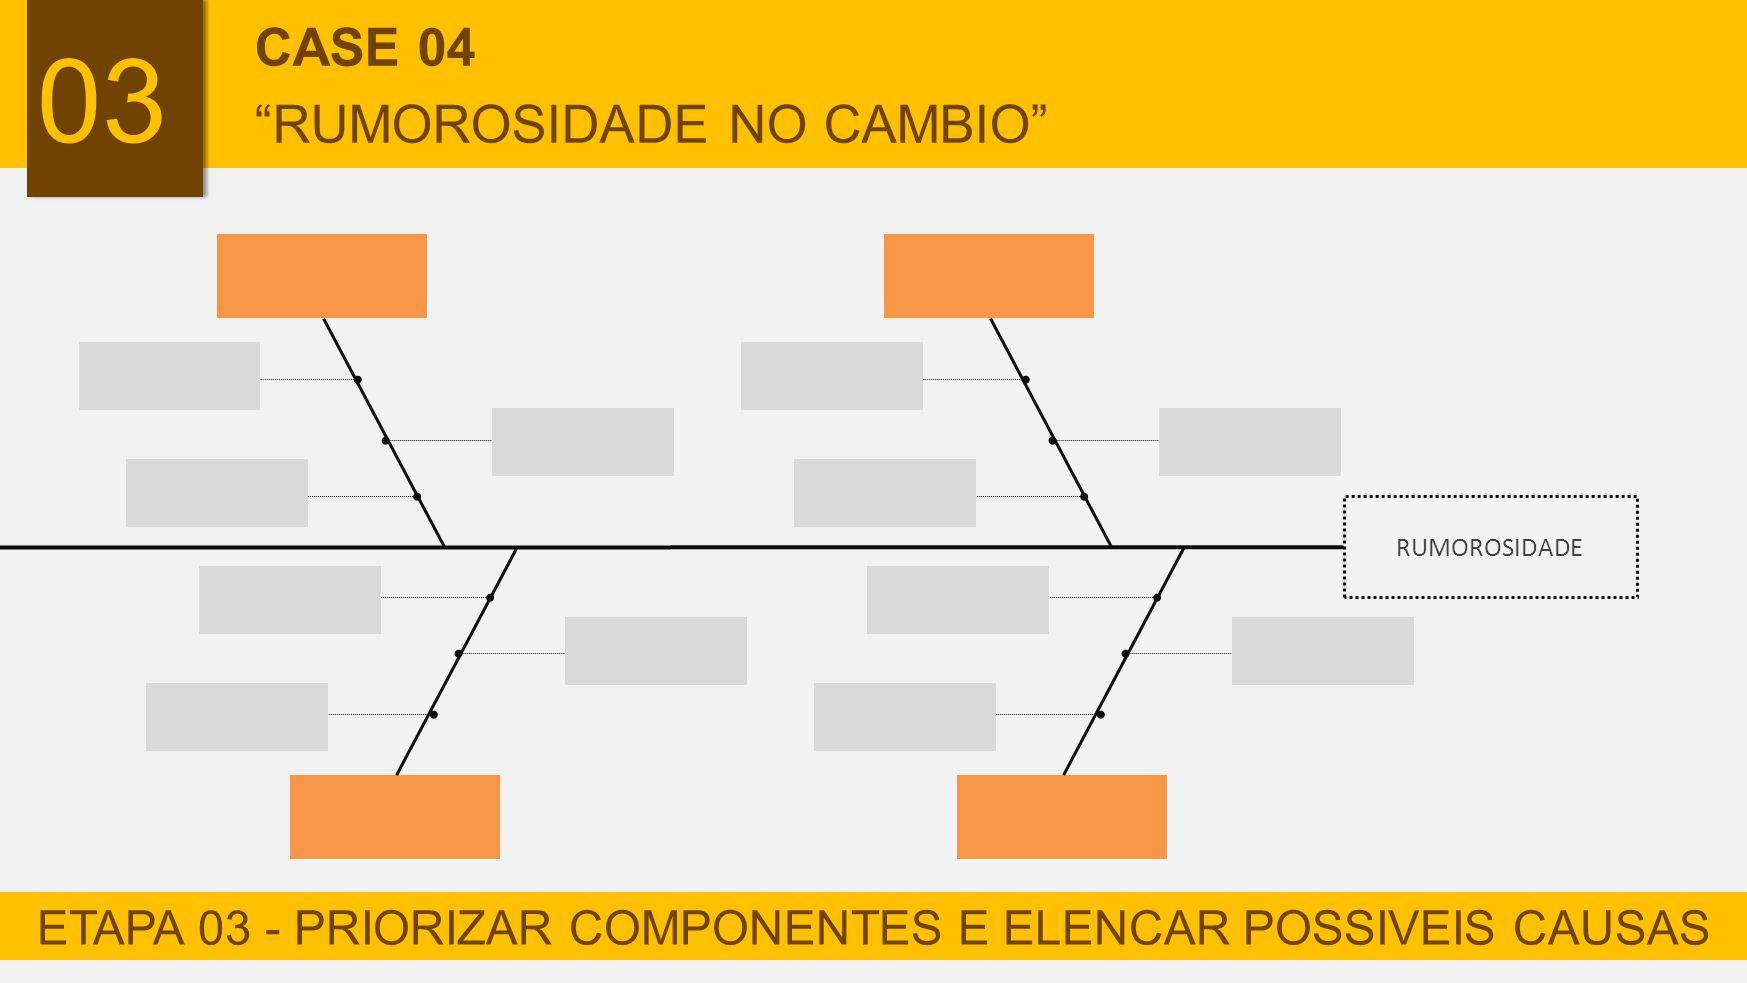 ETAPA 03 - PRIORIZAR COMPONENTES E ELENCAR POSSIVEIS CAUSAS